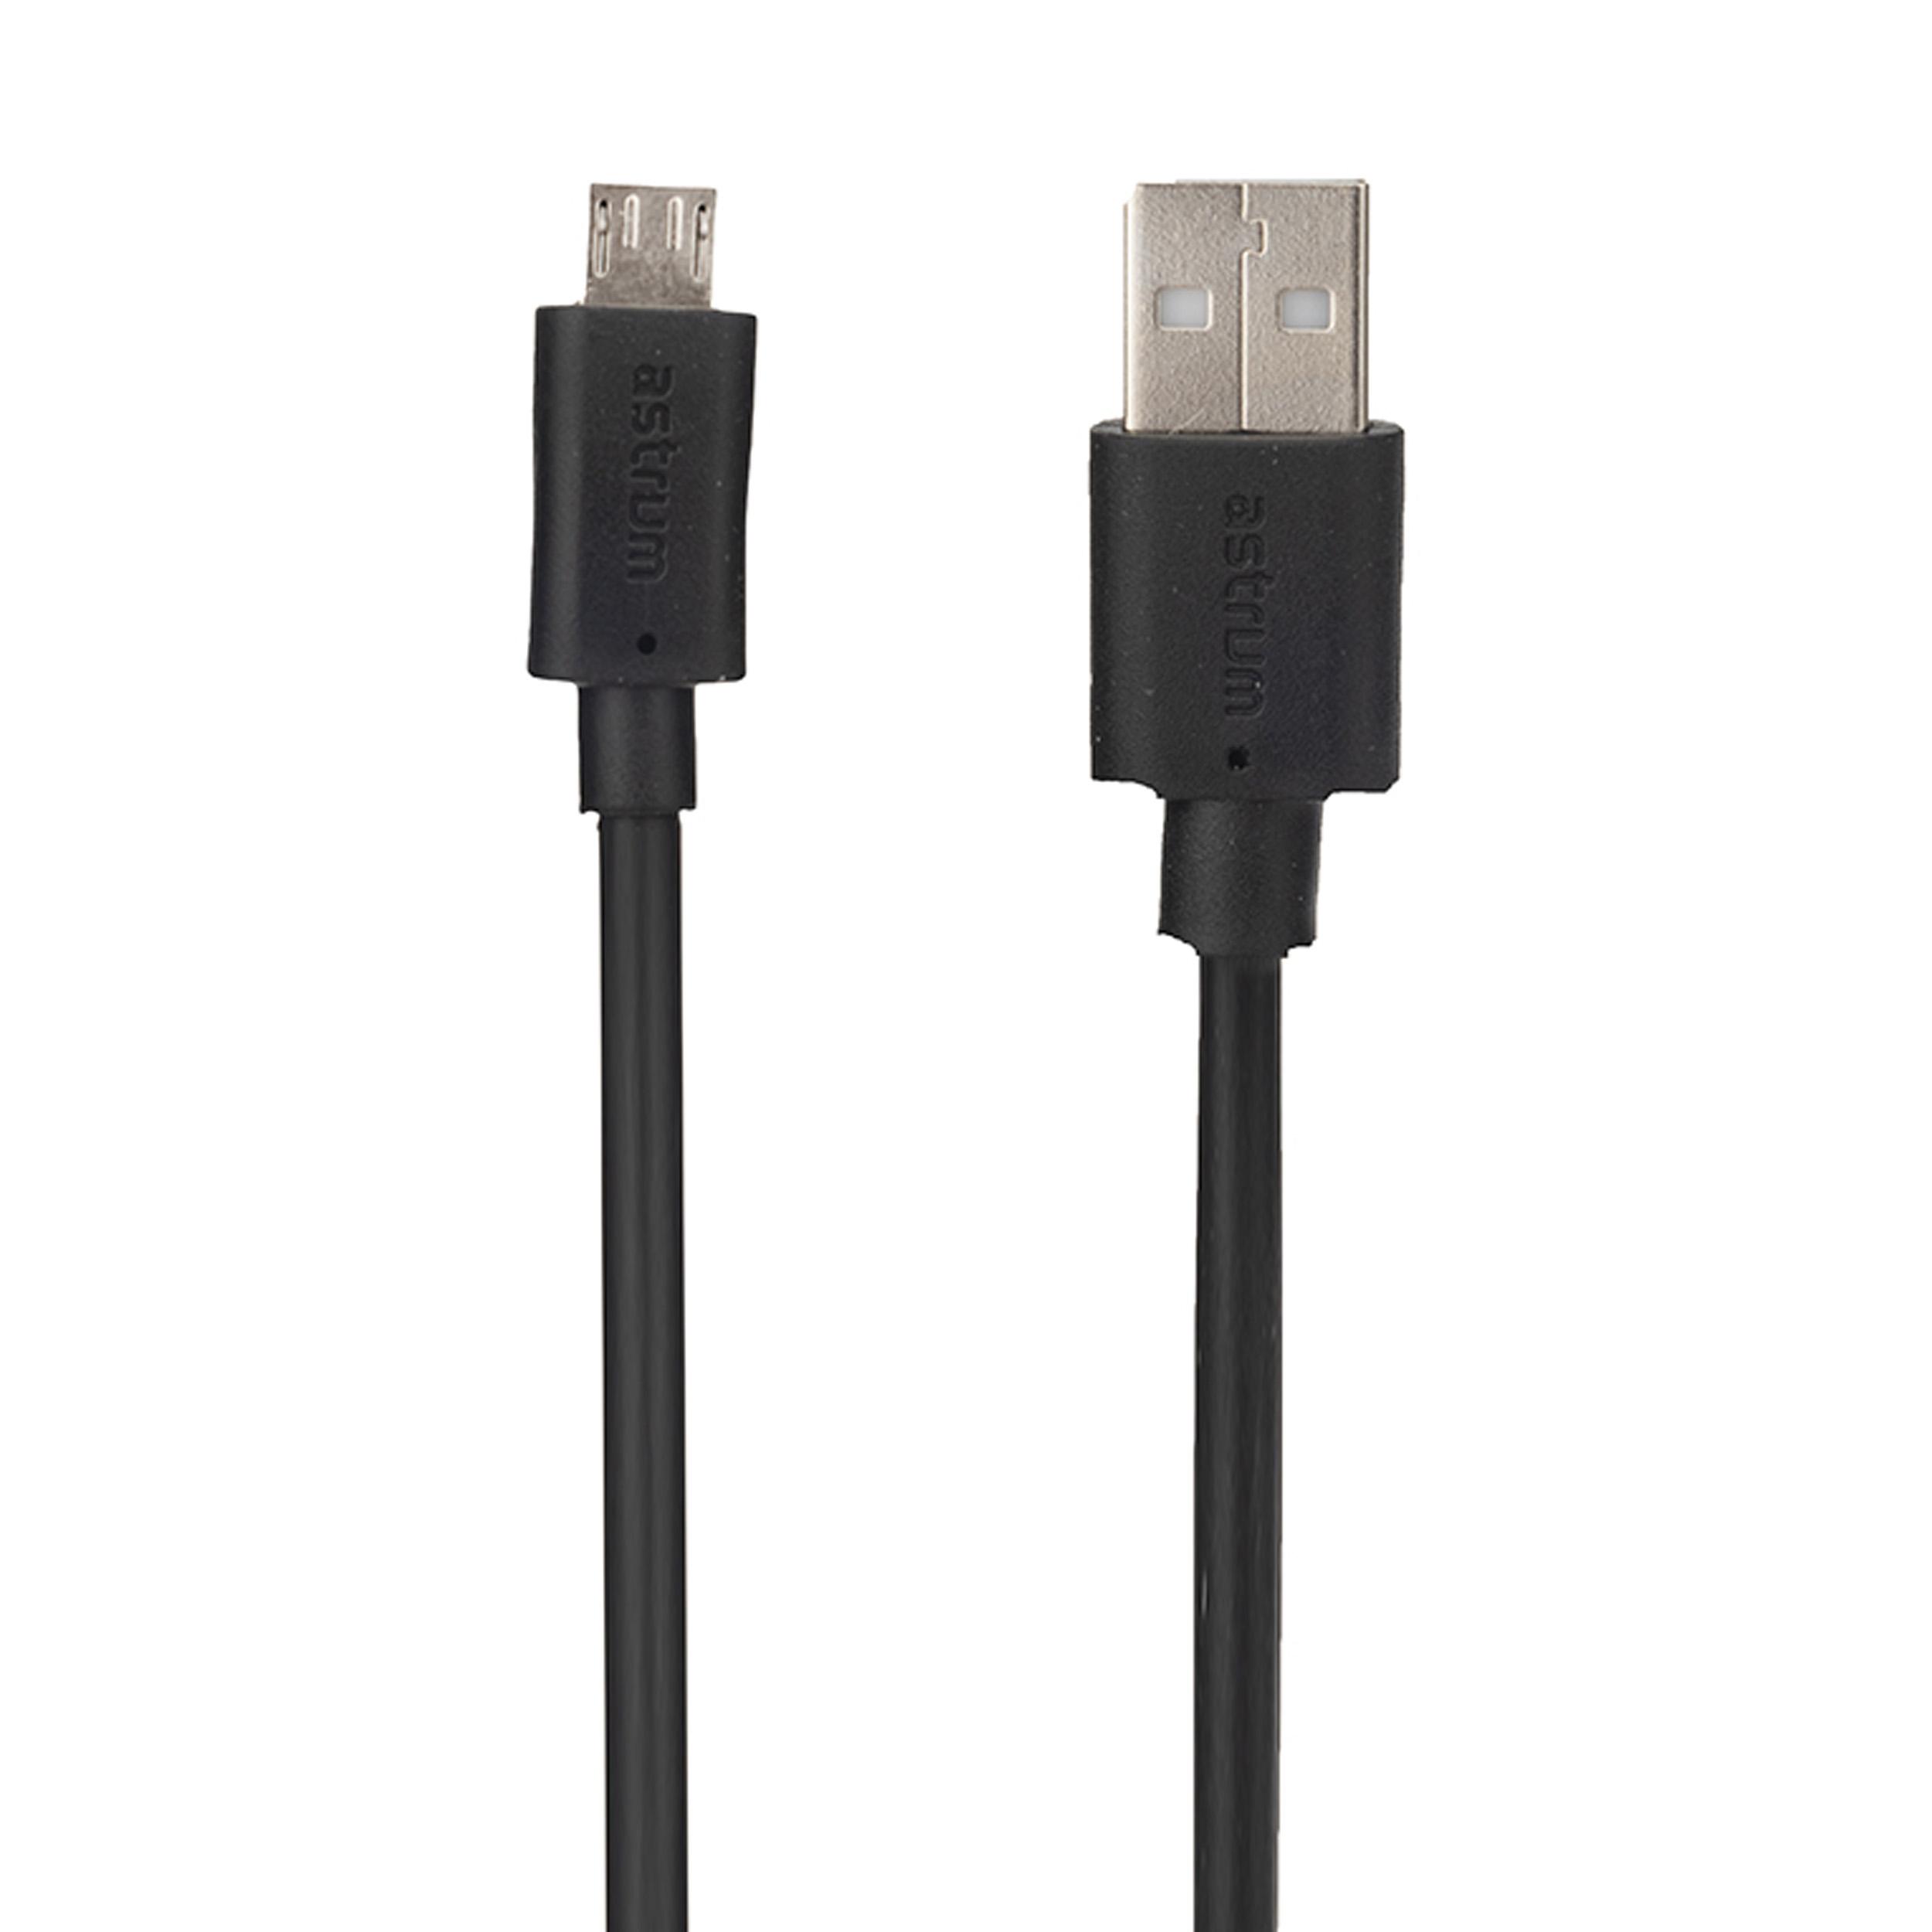 کابل تبدیل USB به microUSB استروم مدل A53035 طول 1.5 متر